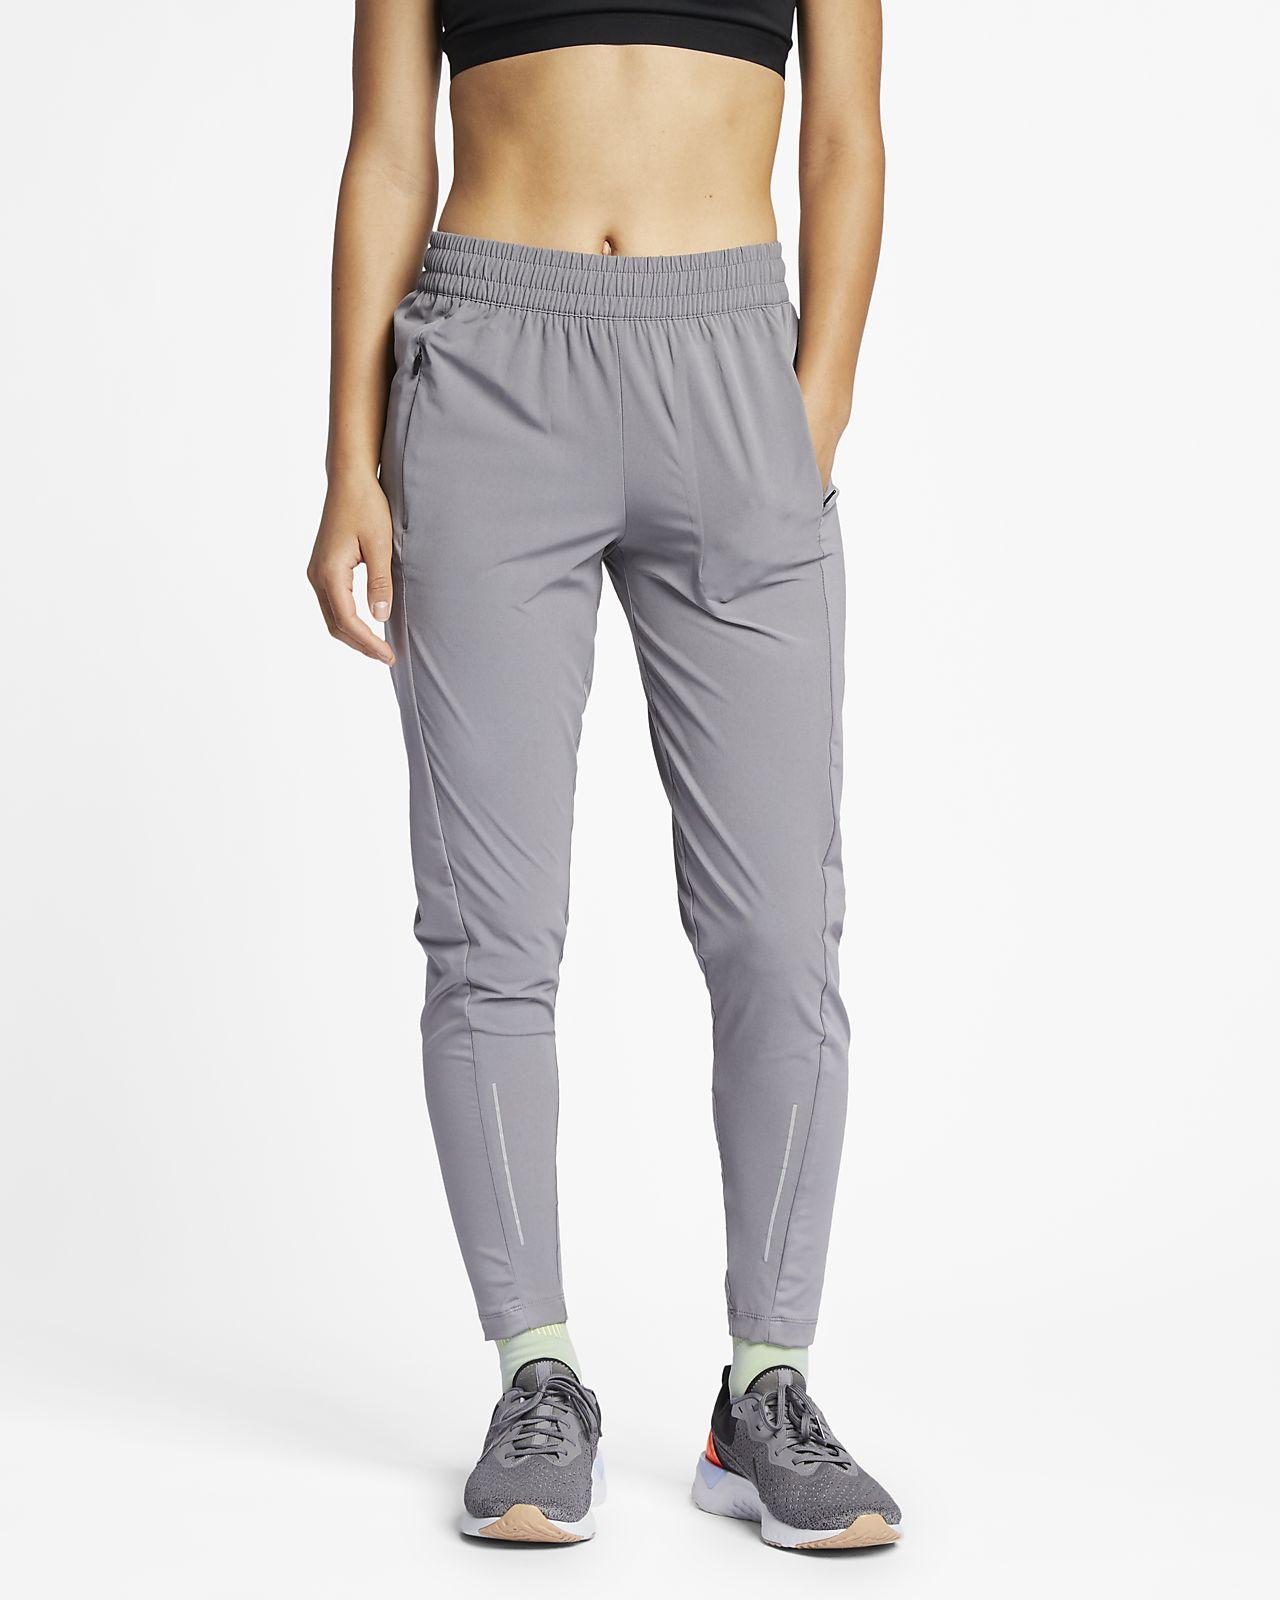 Γυναικείο παντελόνι για τρέξιμο Nike Swift. Nike.com GR 45f20a5b372